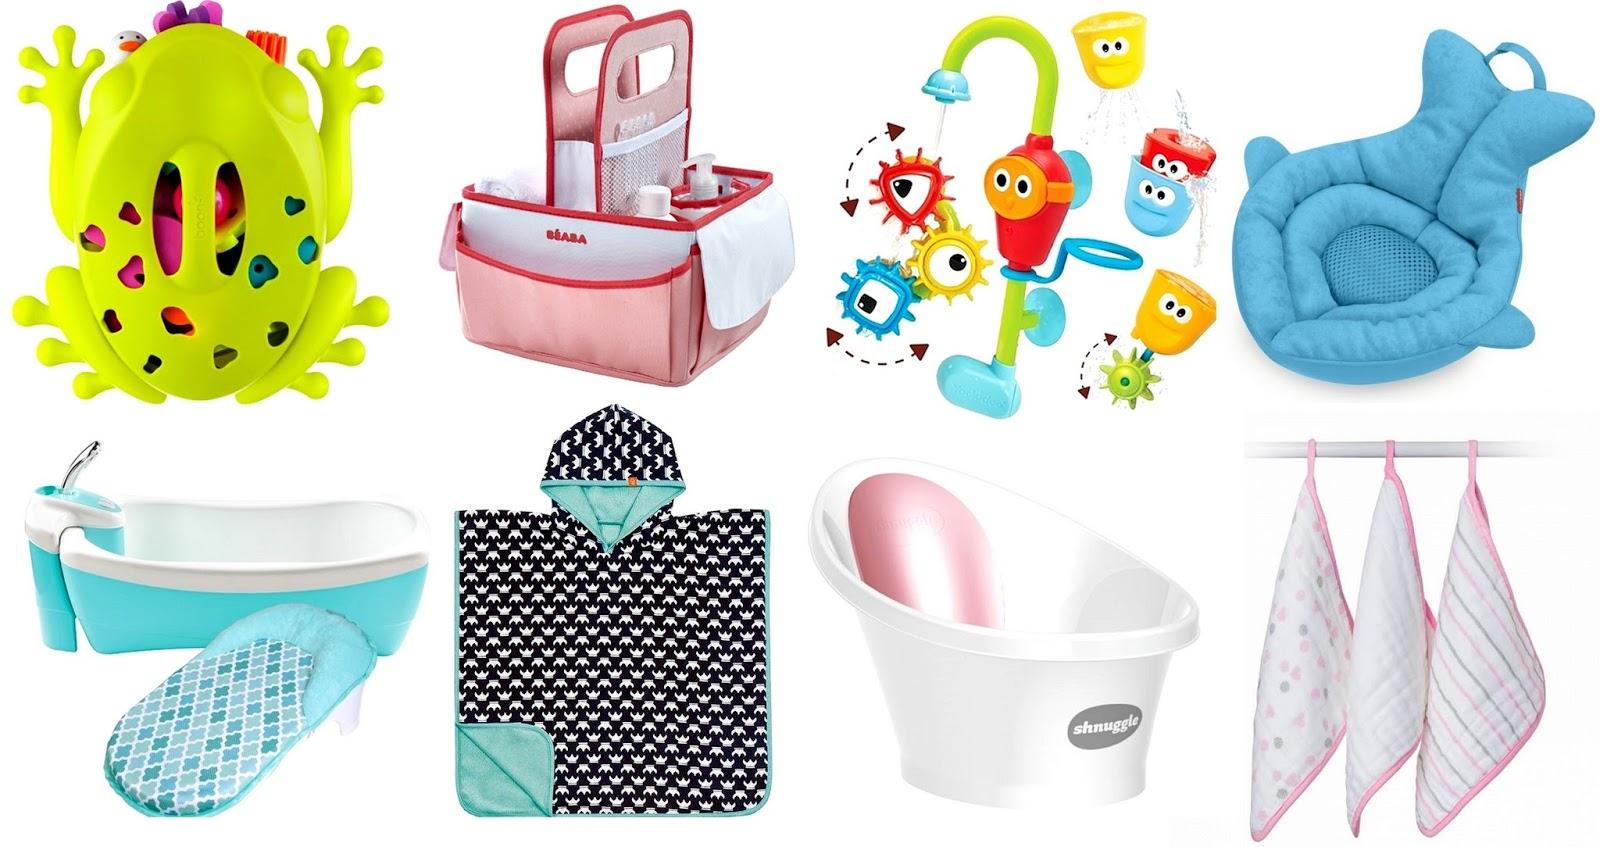 Zabawki I Akcesoria Dzięki Którym Kąpiel Dziecka Będzie Samą